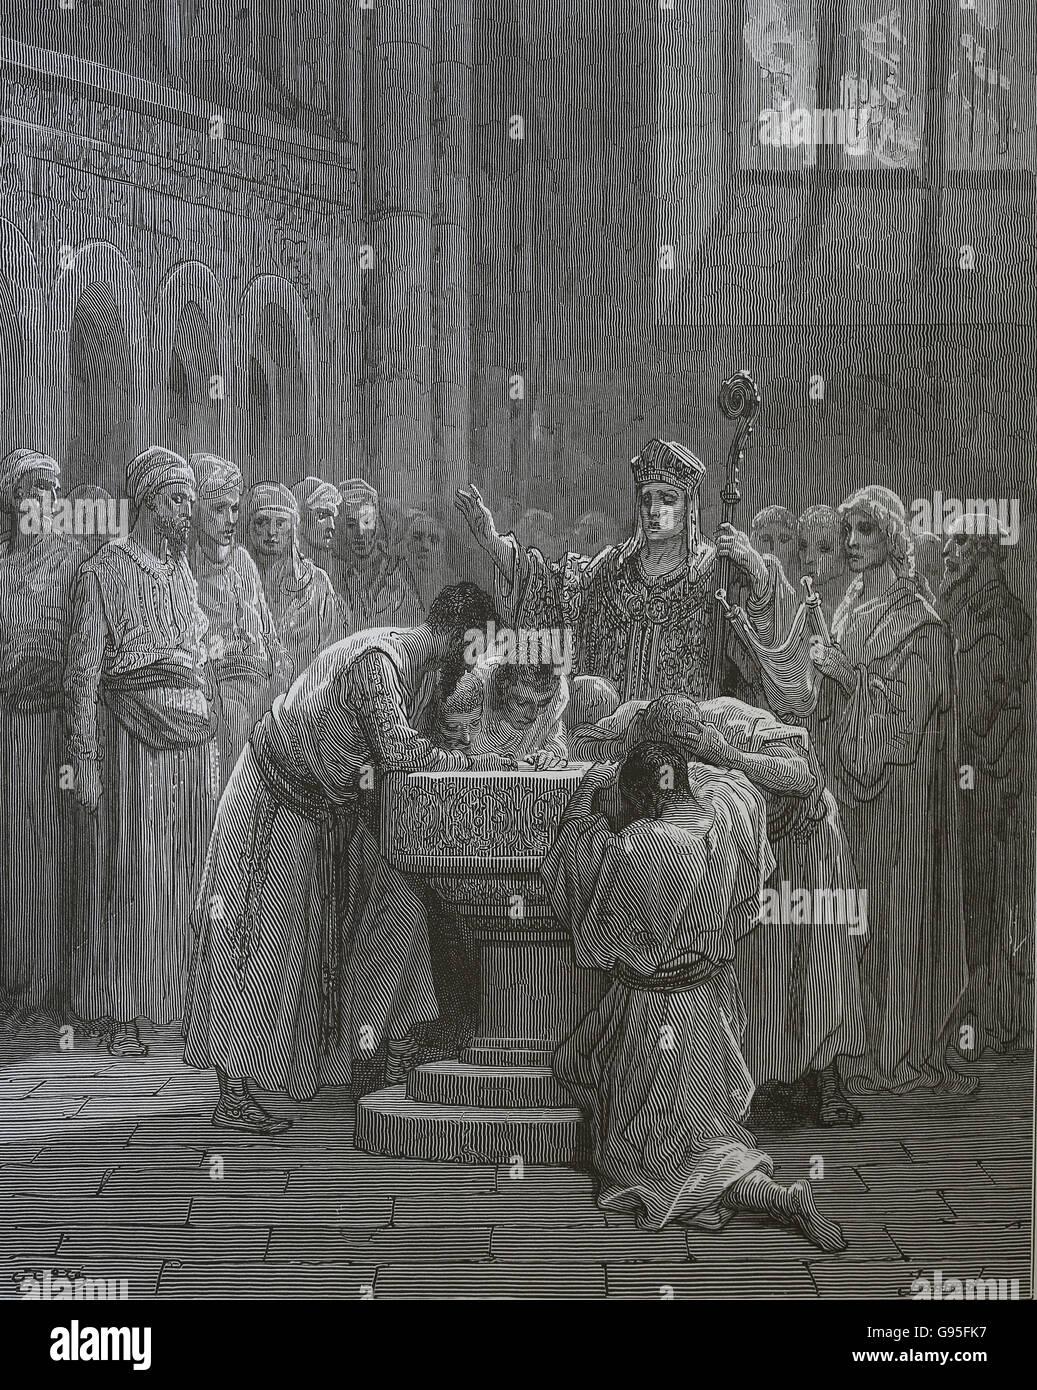 Le Crociate di Gustave Dore. Il battesimo degli infedeli. Cerimonia. Incisione, XIX c. Immagini Stock